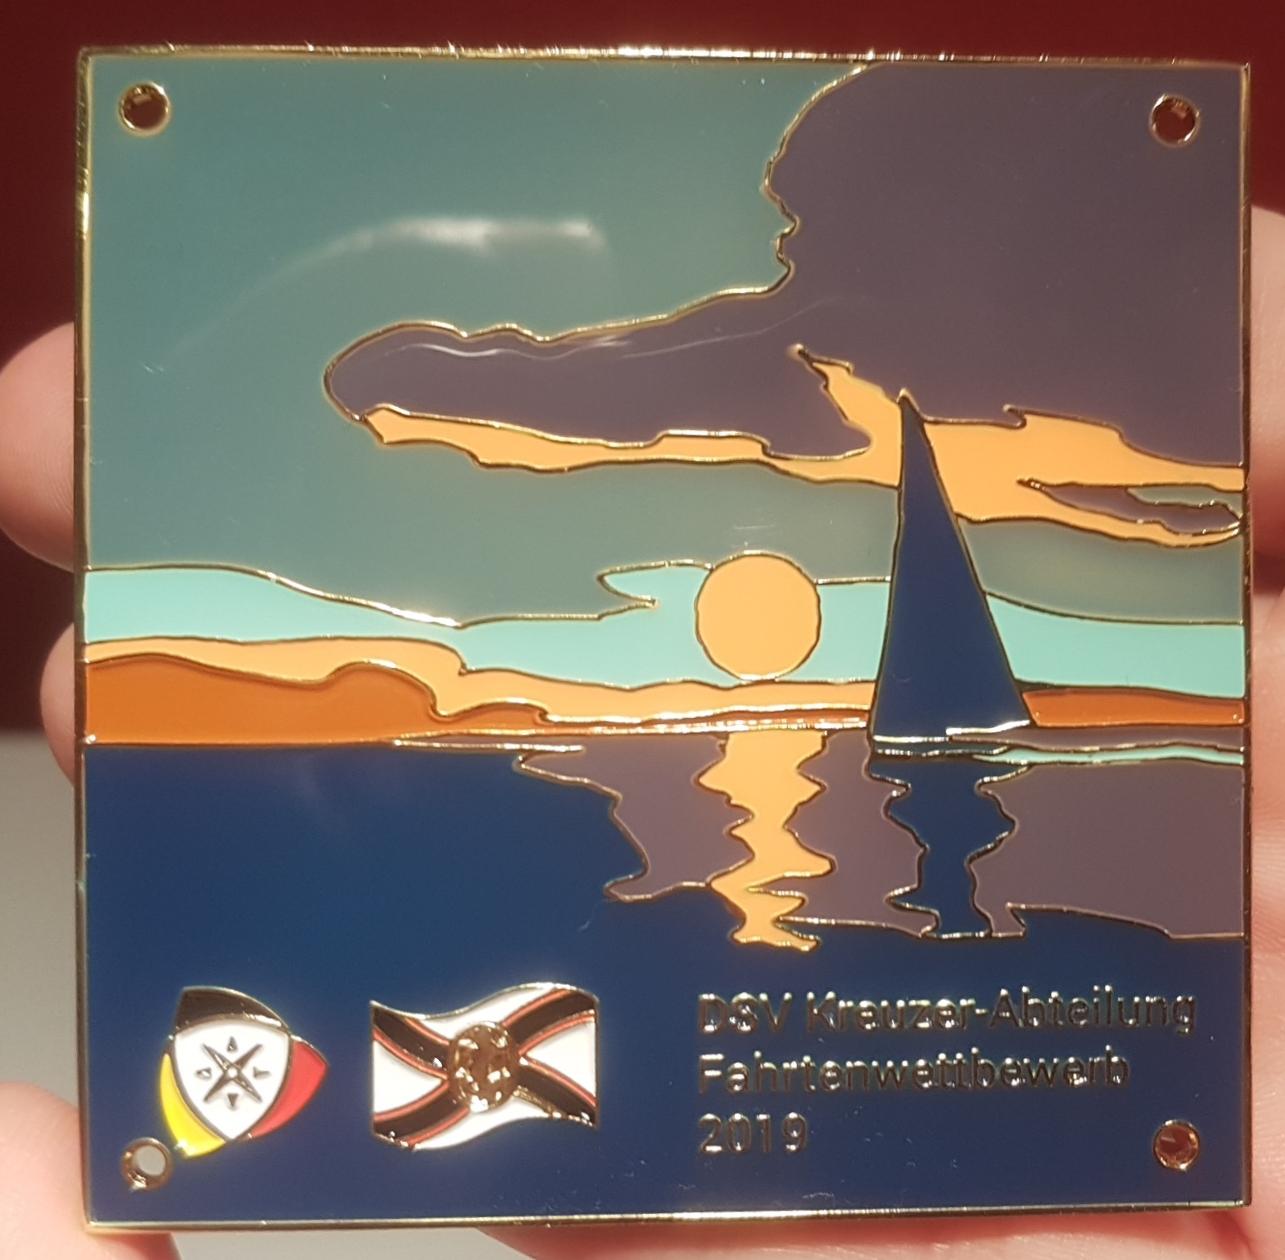 Plakette der DSV Kreuzerabteilung